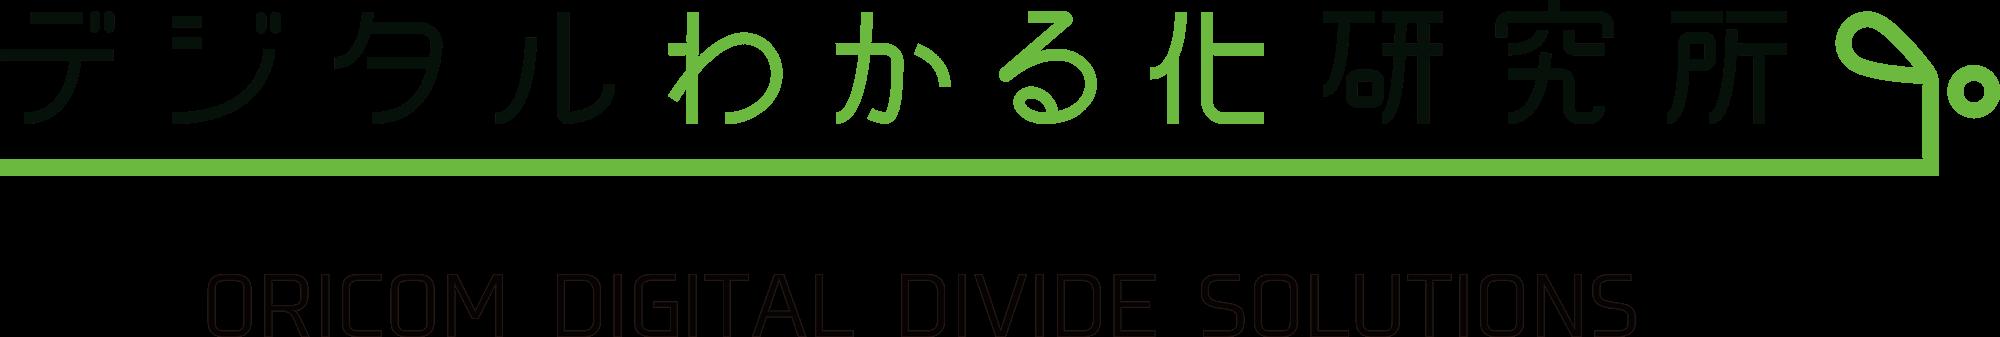 デジタルわかる化研究所 ORICOM DIGITAL DIVIDE SOLUTIONS